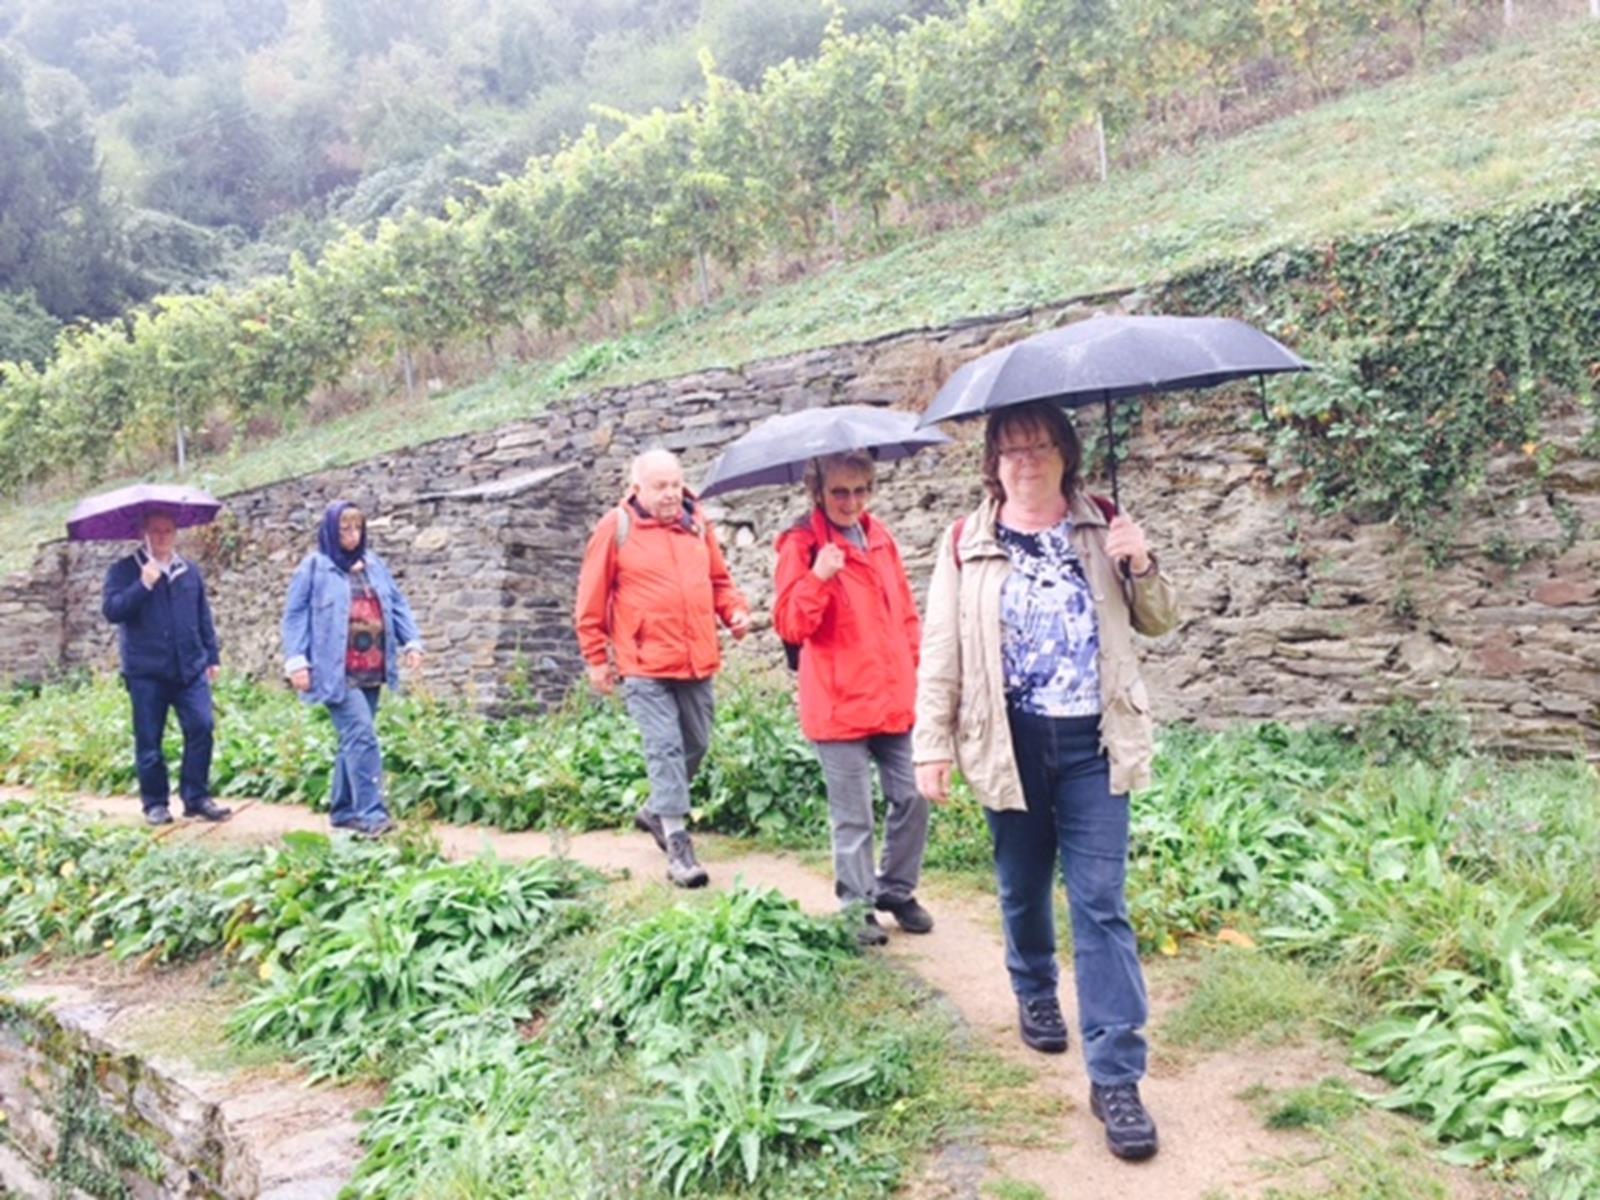 DIF Herbstwanderung Oberwesel 2016 (68)